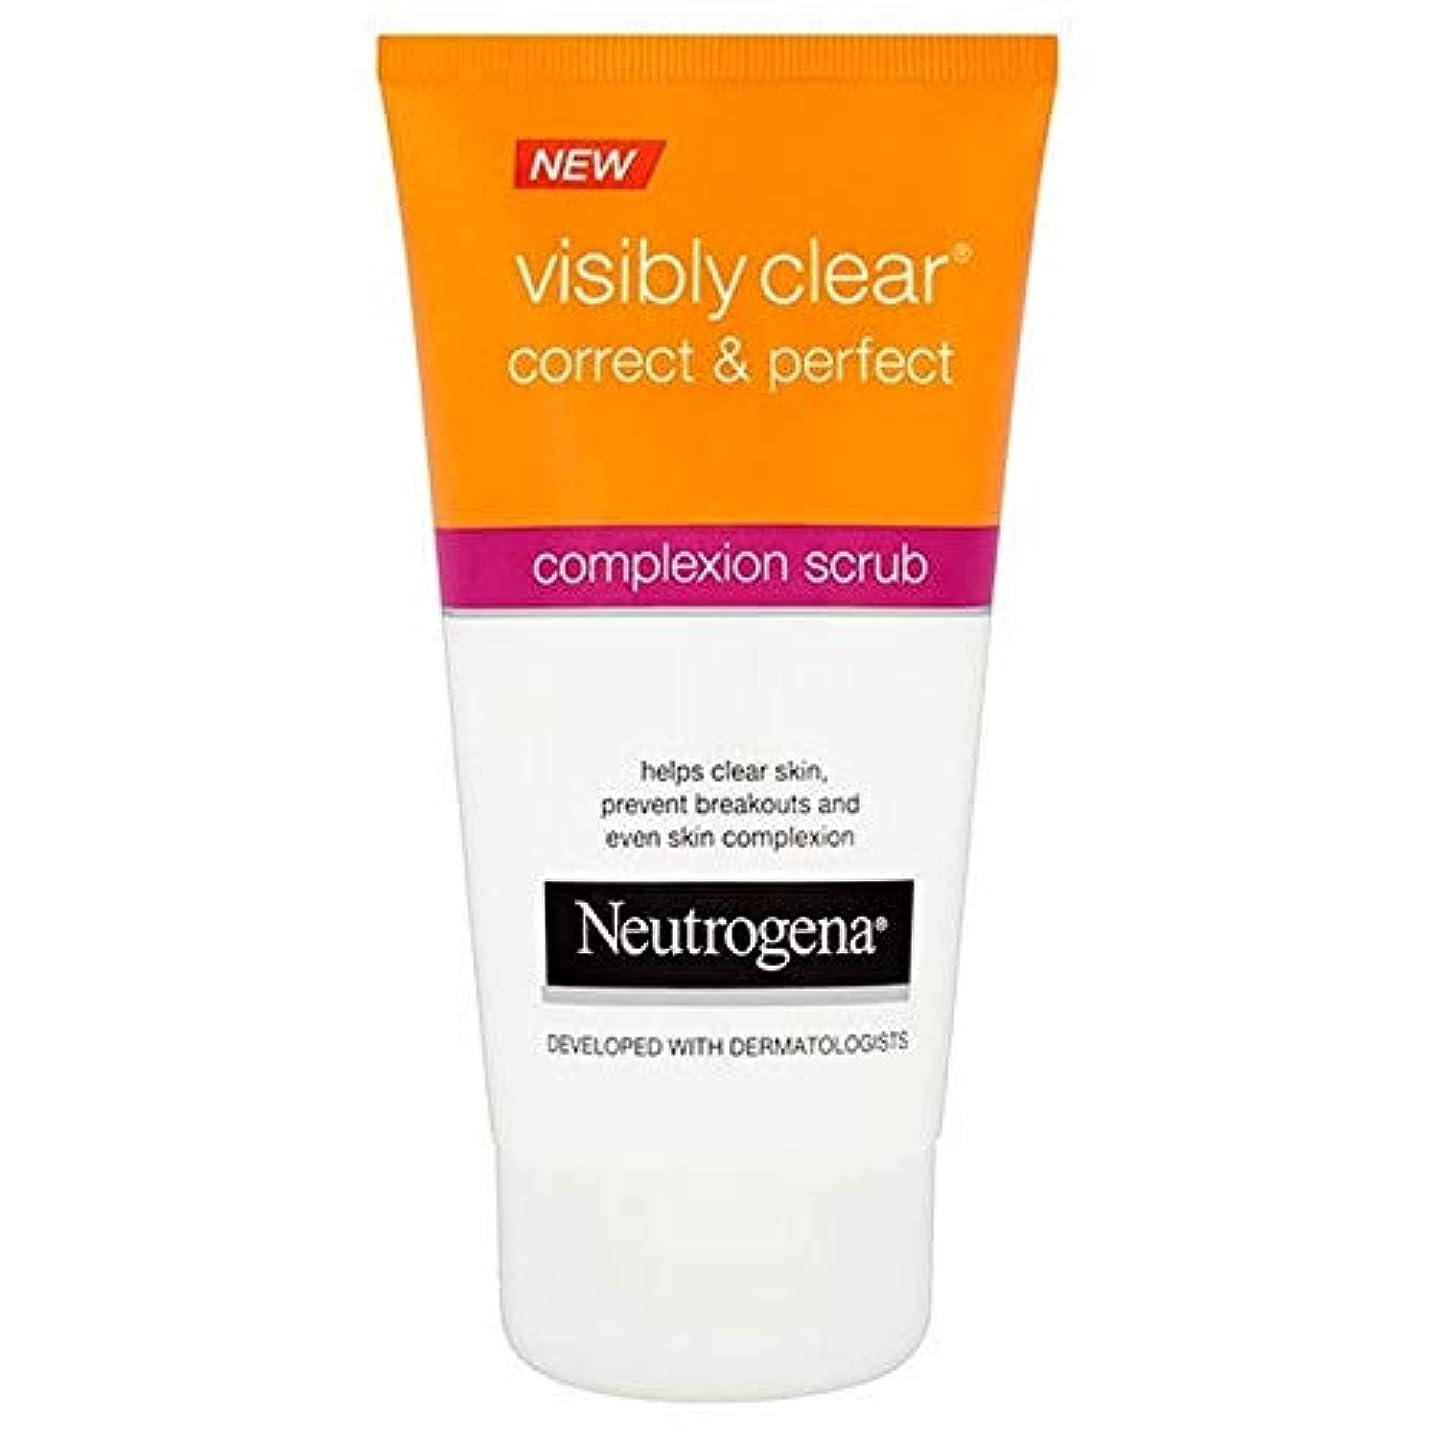 ブラウス夢思われる[Neutrogena] ニュートロジーナ目に見えて明らかに正しいと完璧な顔色スクラブ - Neutrogena Visibly Clear Correct & Perfect Complexion Scrub [並行輸入品]